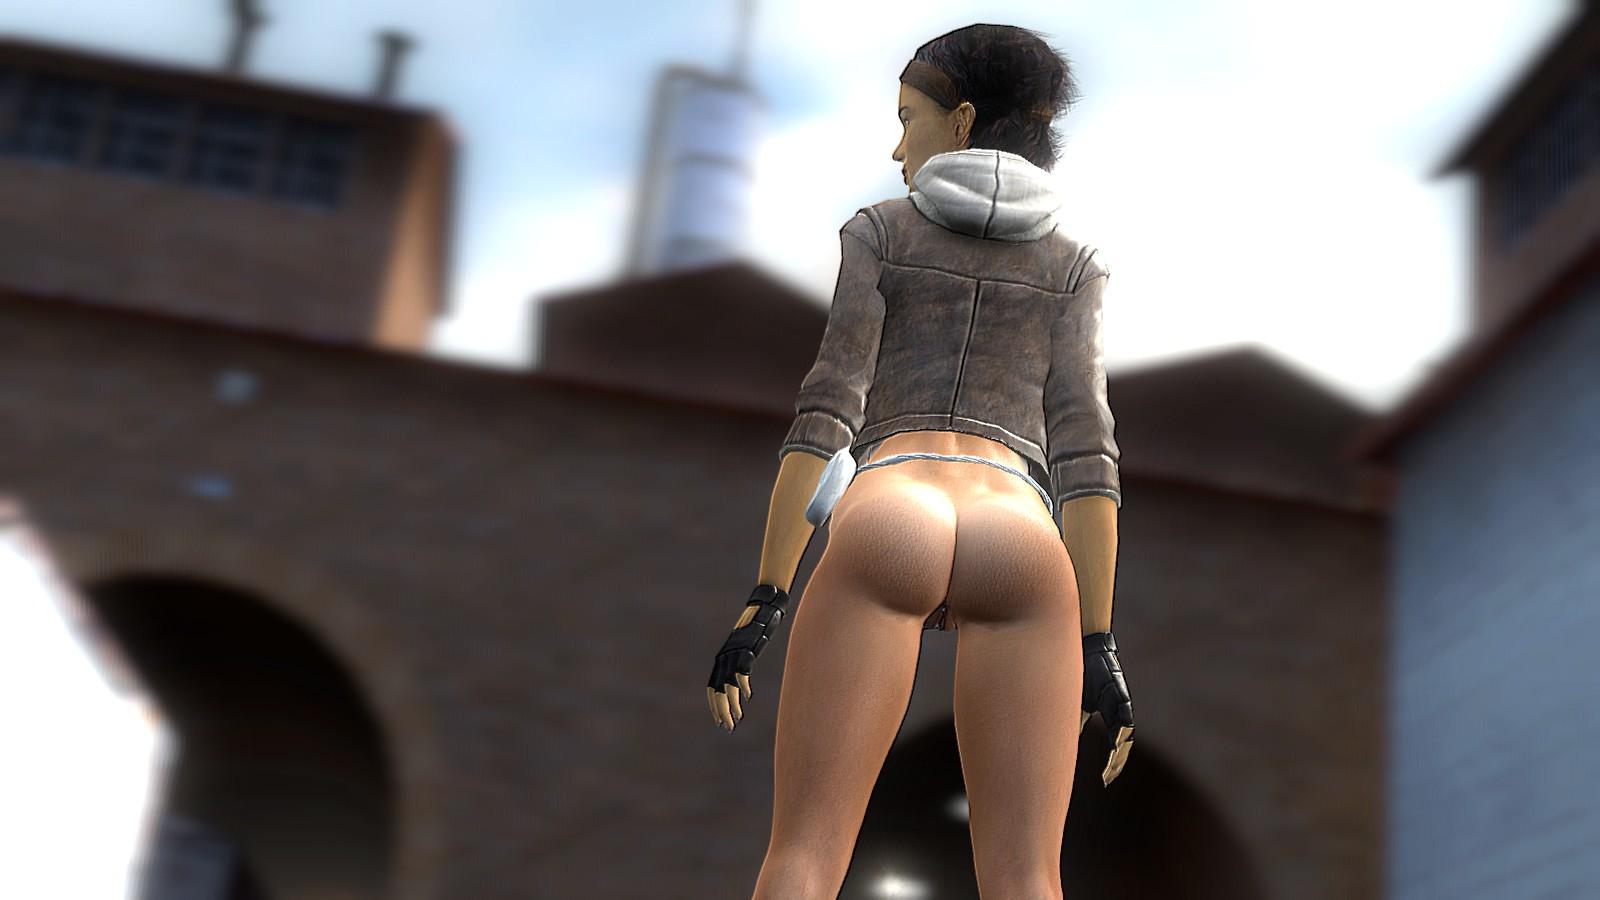 Half-life 2 erotic erotica galleries